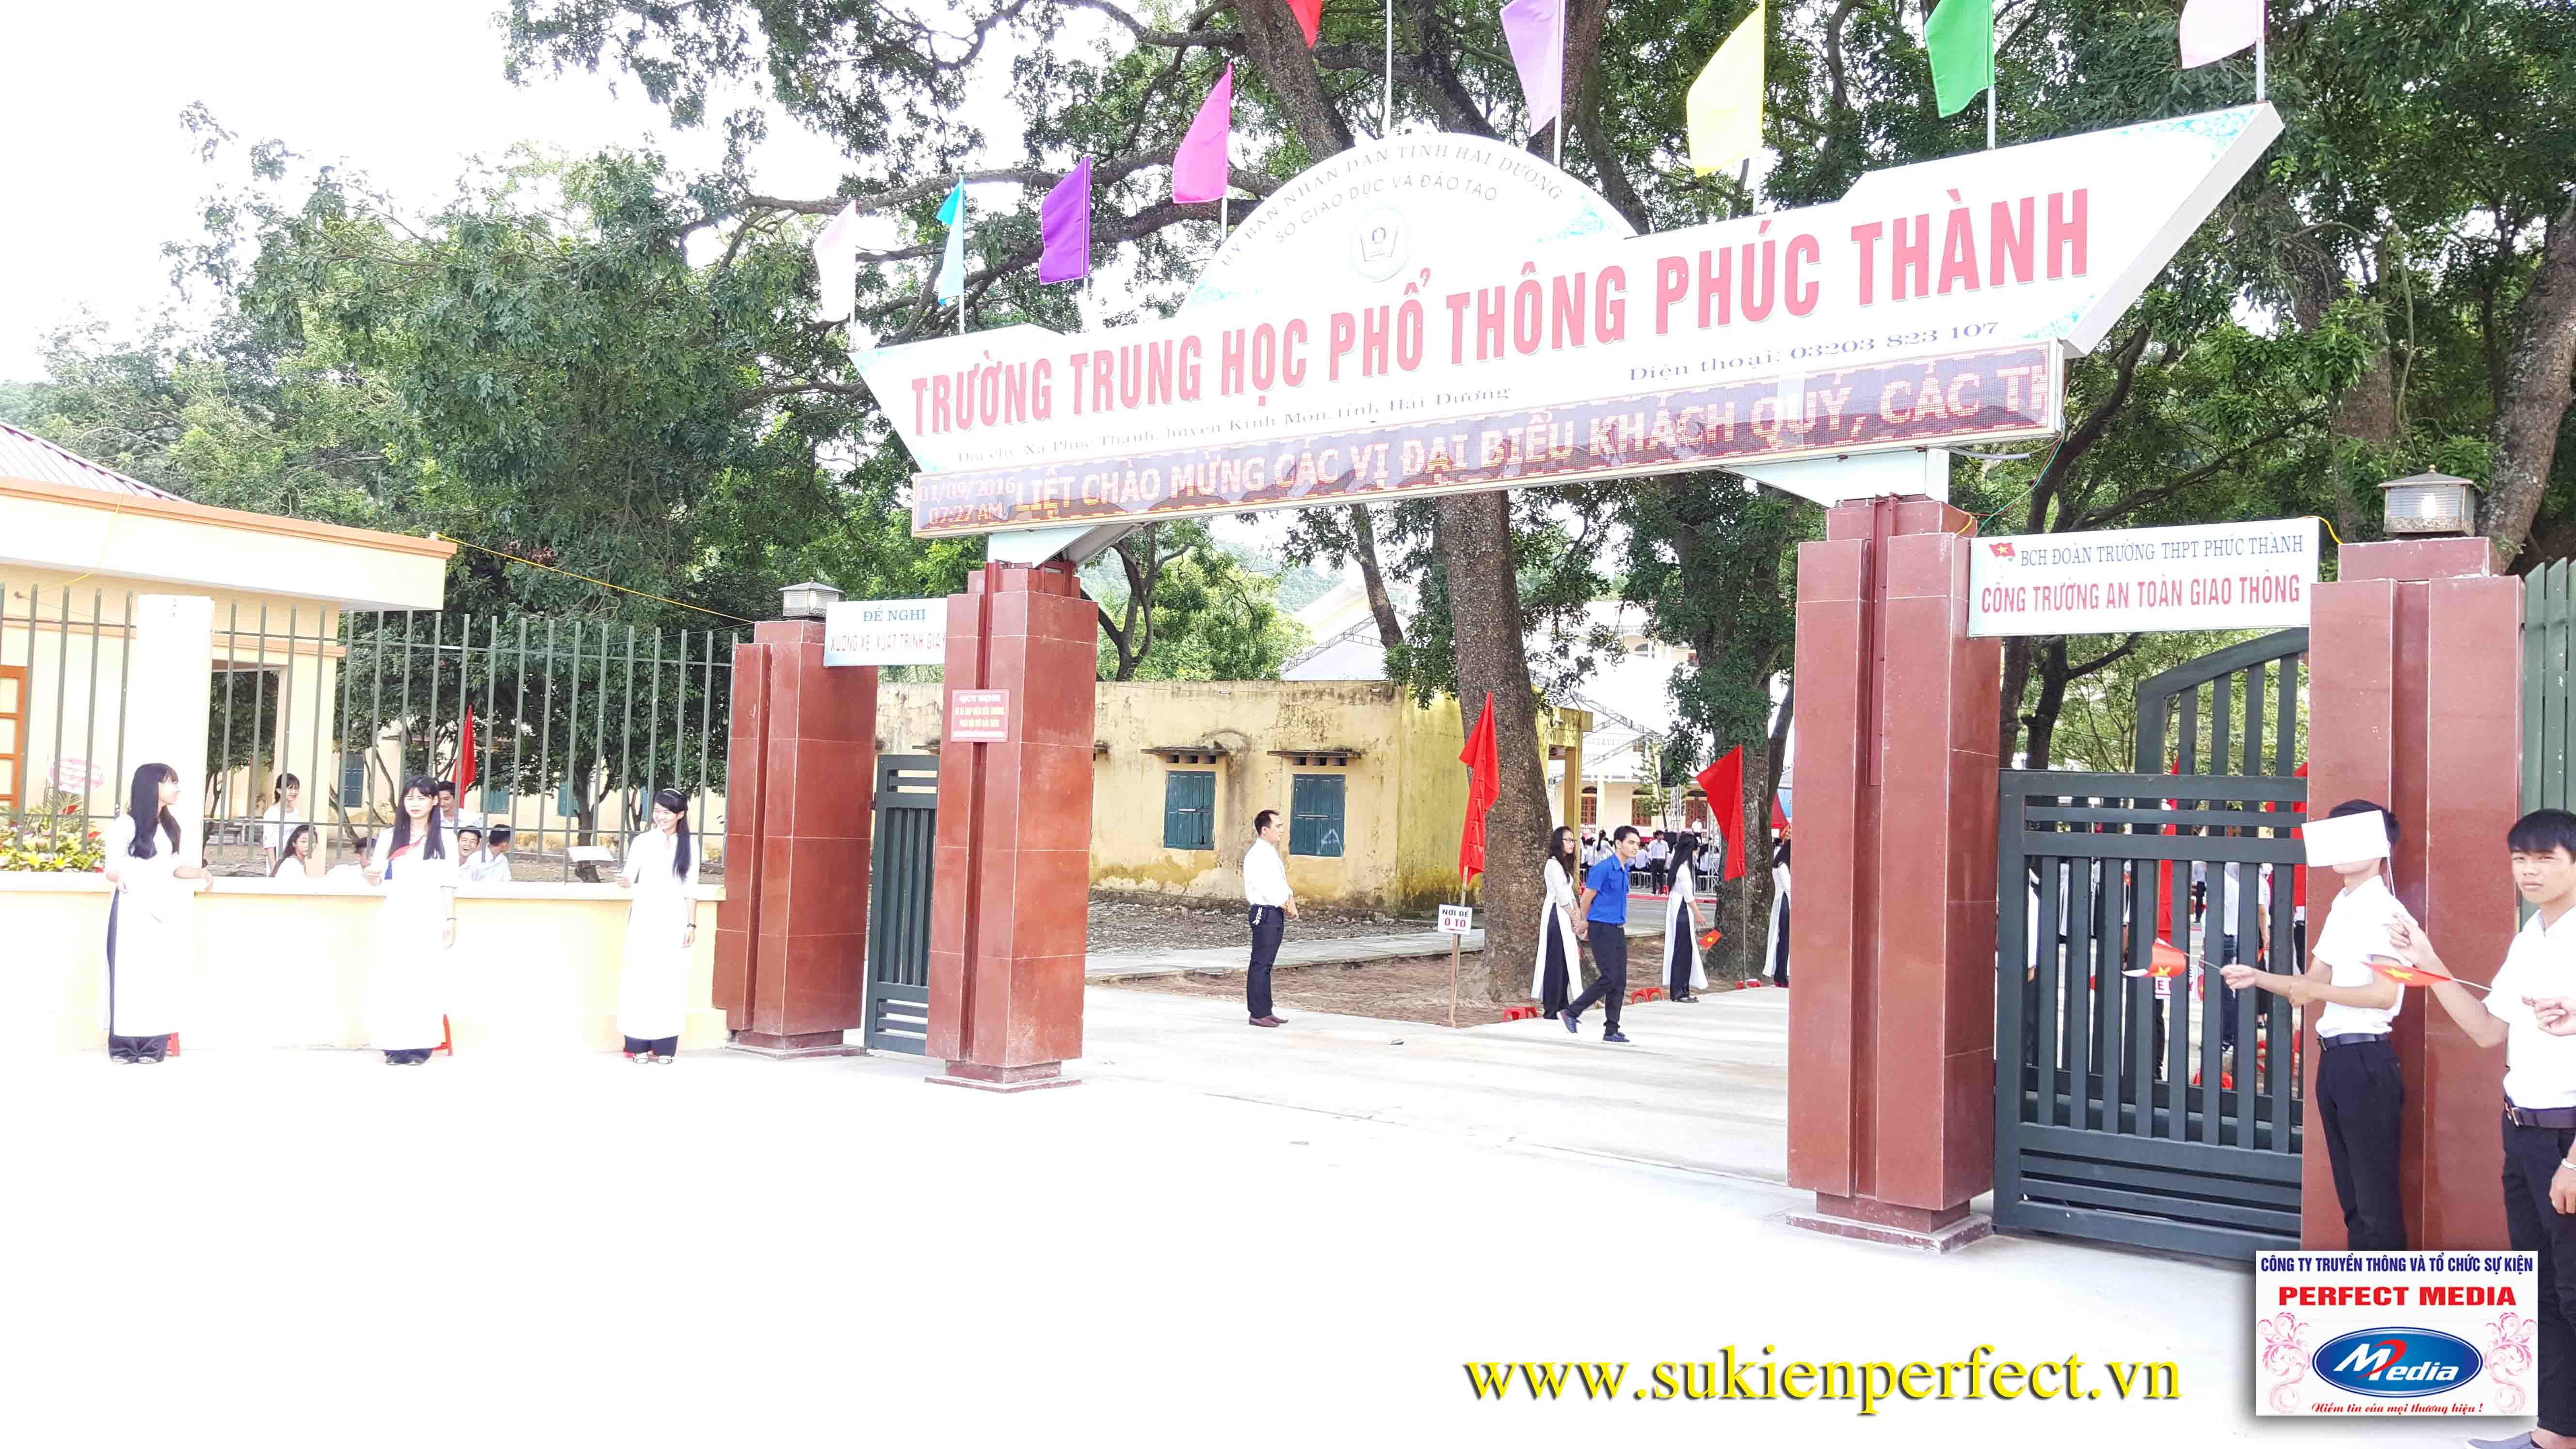 Hình ảnh trong buổi lễ THPT Phúc Thành đón chuẩn Quốc gia 05